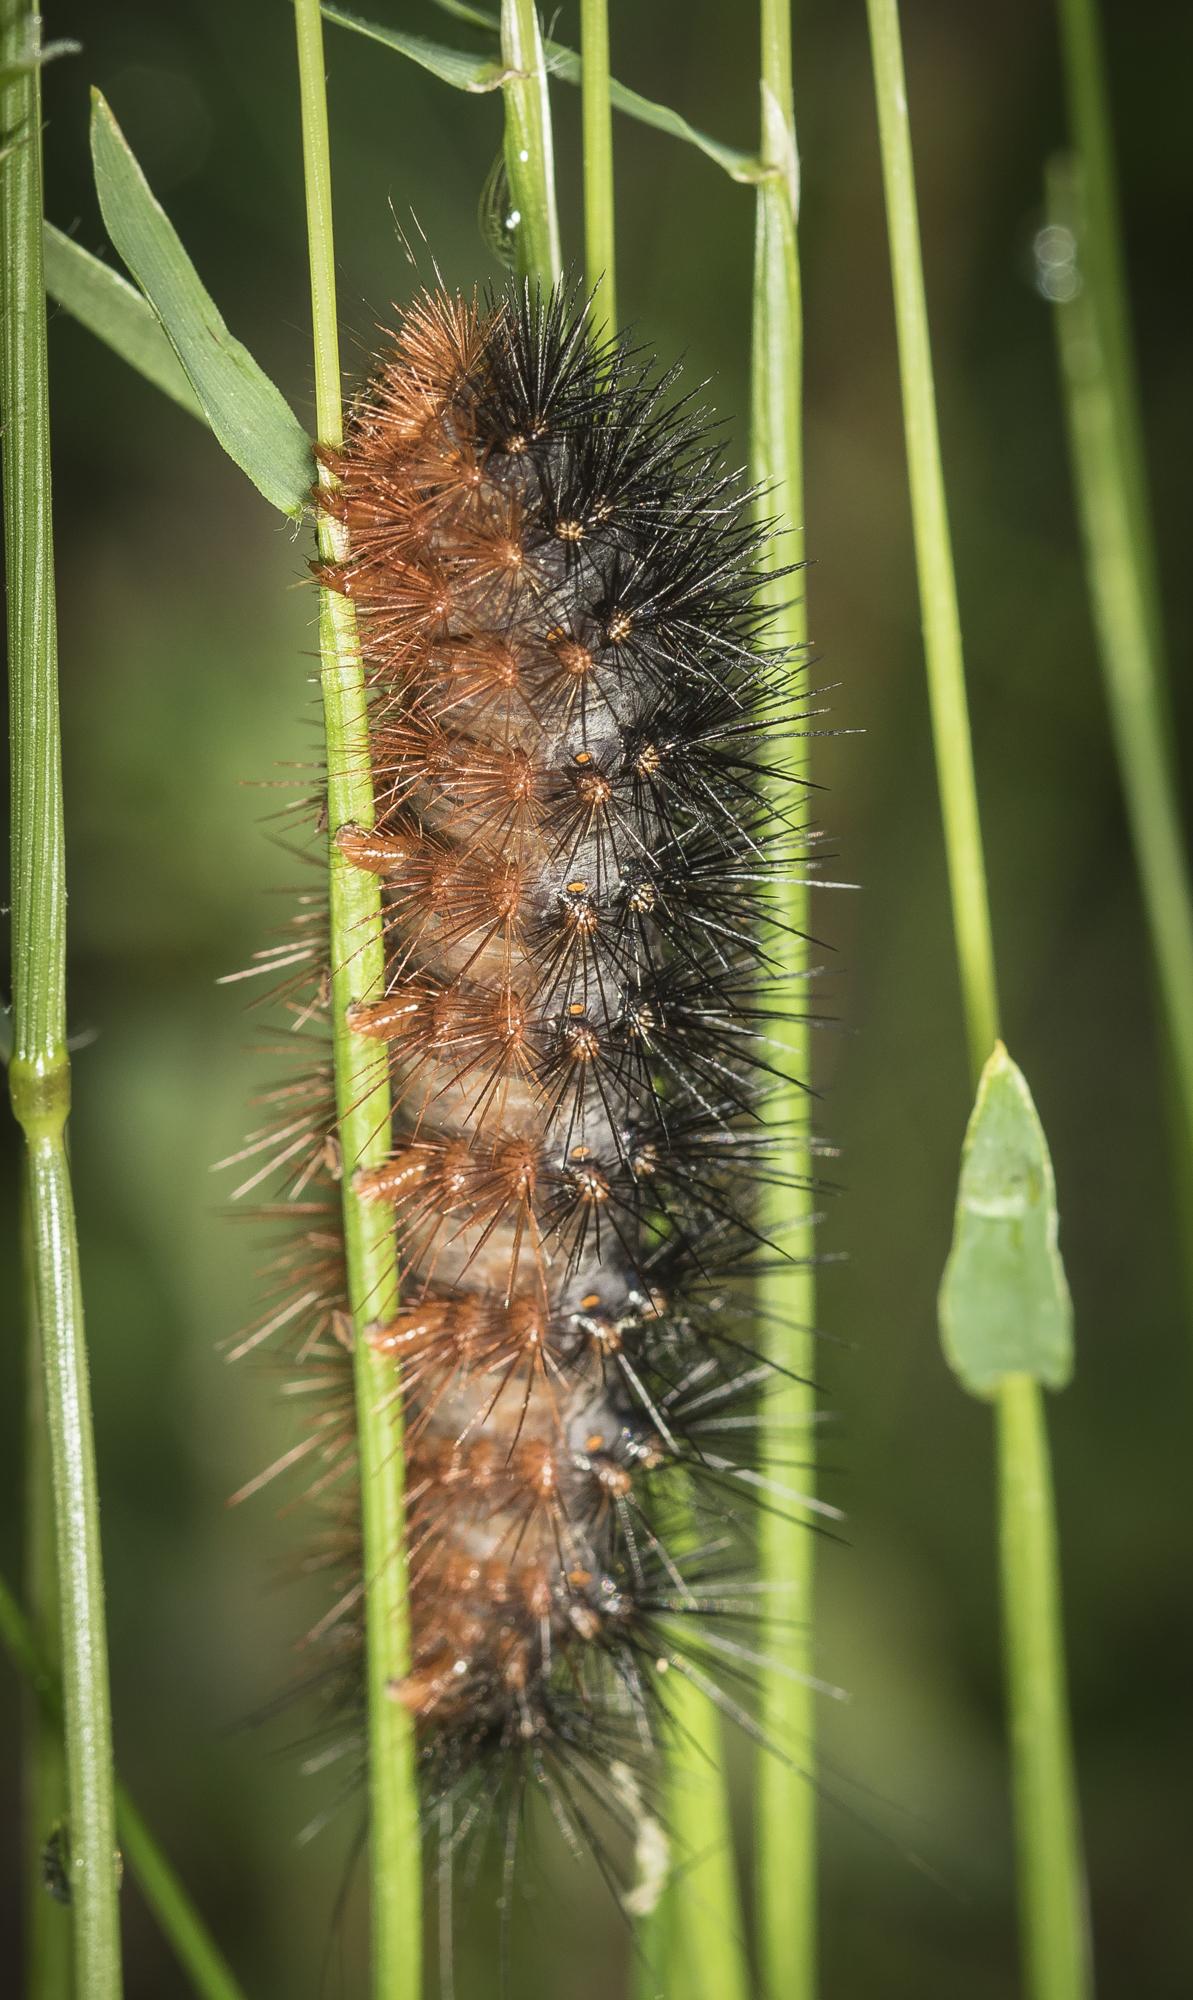 Salt marsh caterpillar?